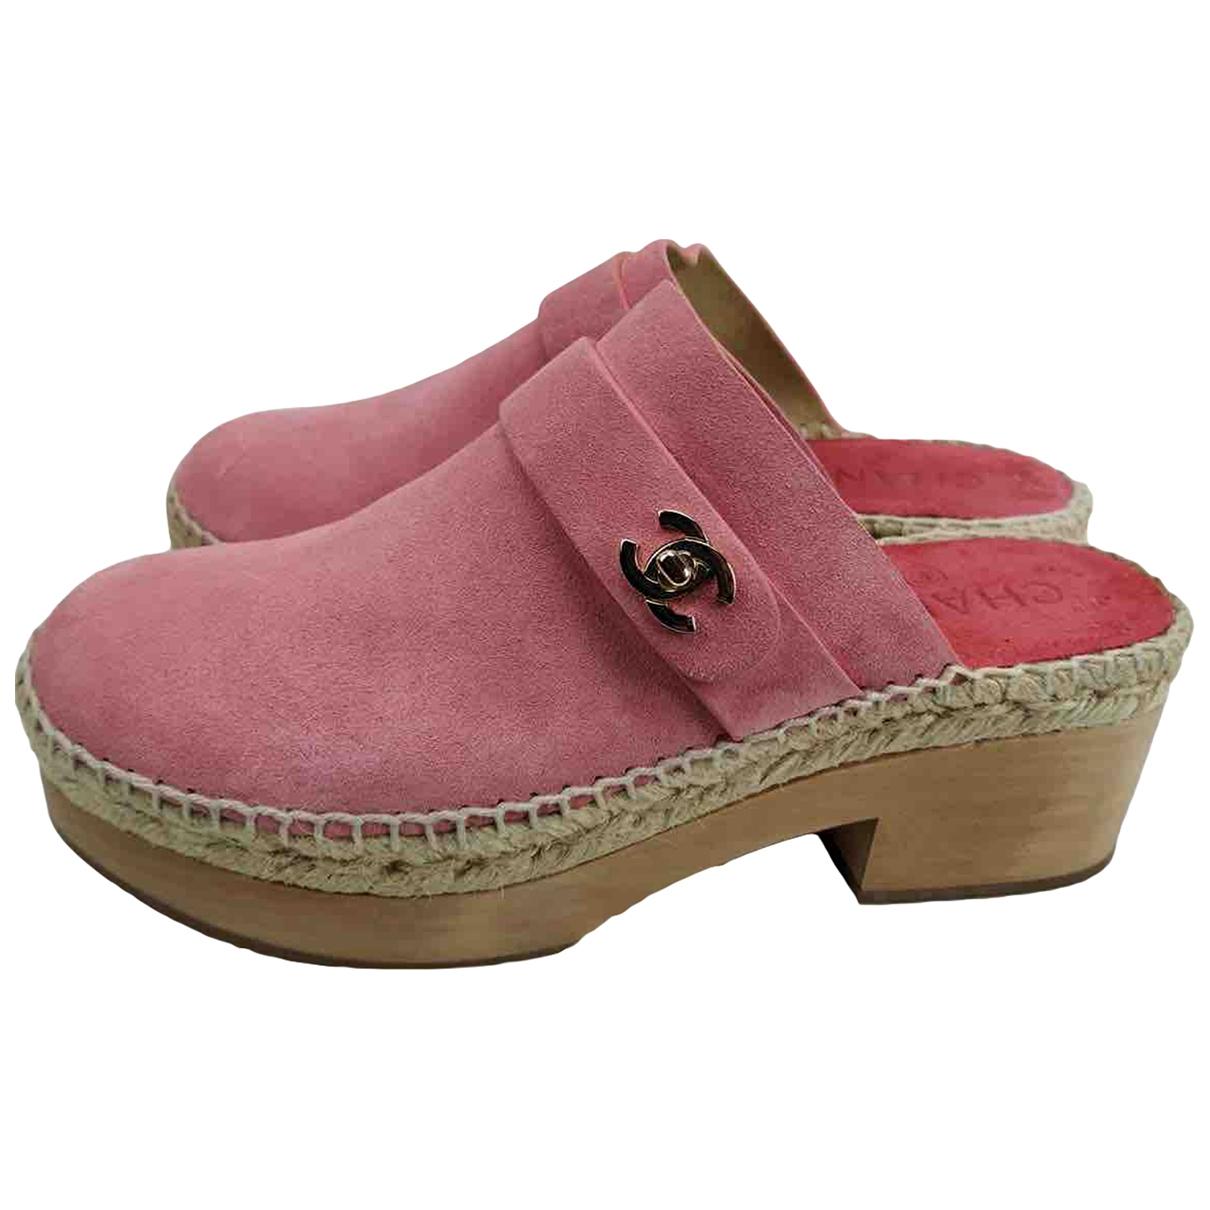 Chanel - Sabots   pour femme en suede - rose